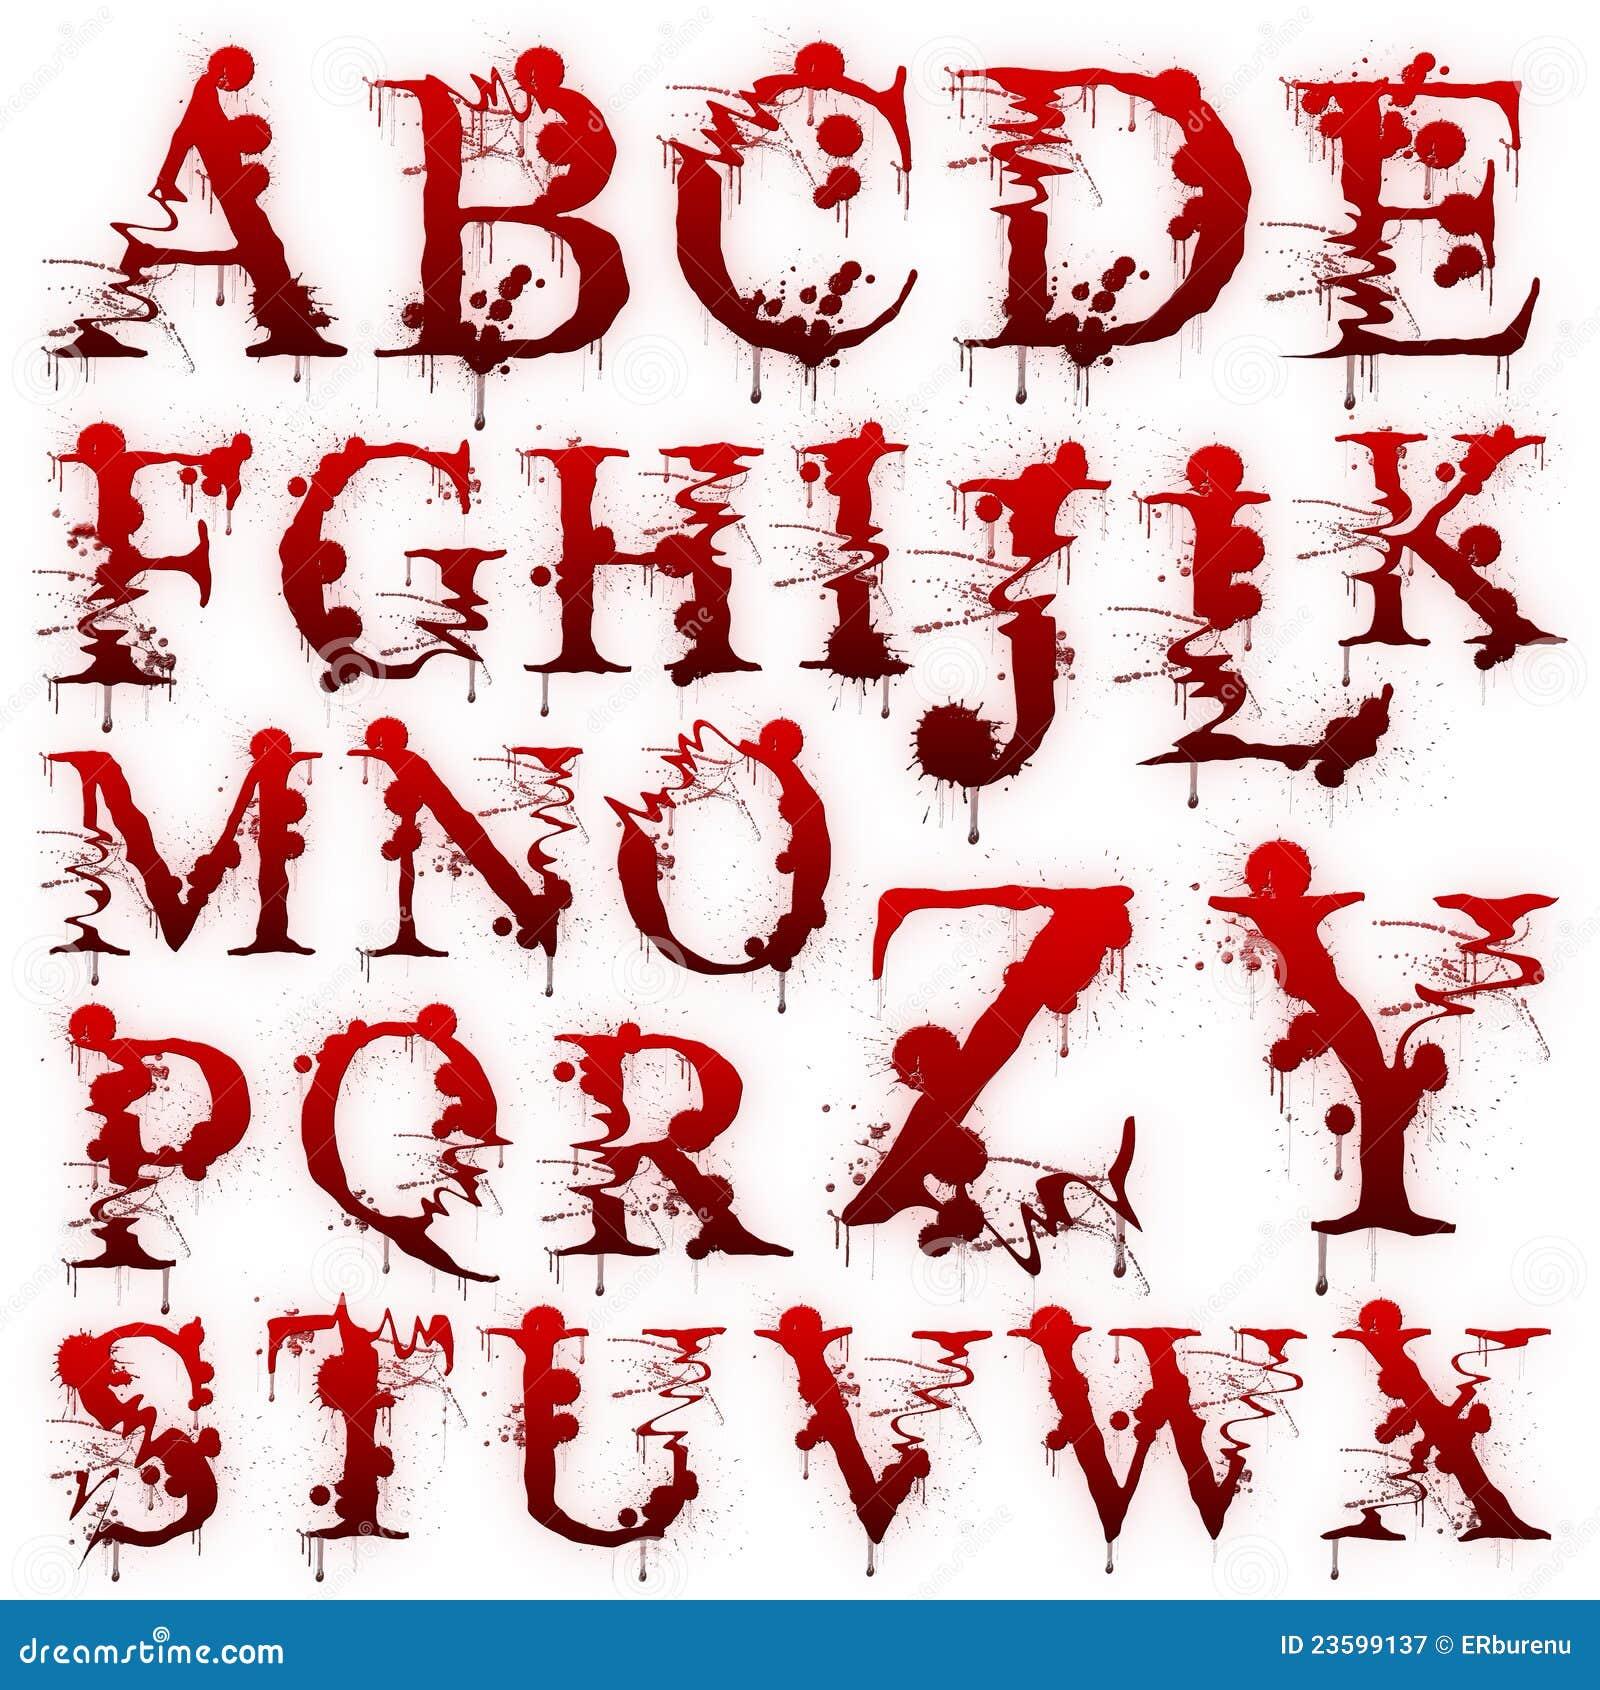 Как в фотошопе сделать кровавые буквы